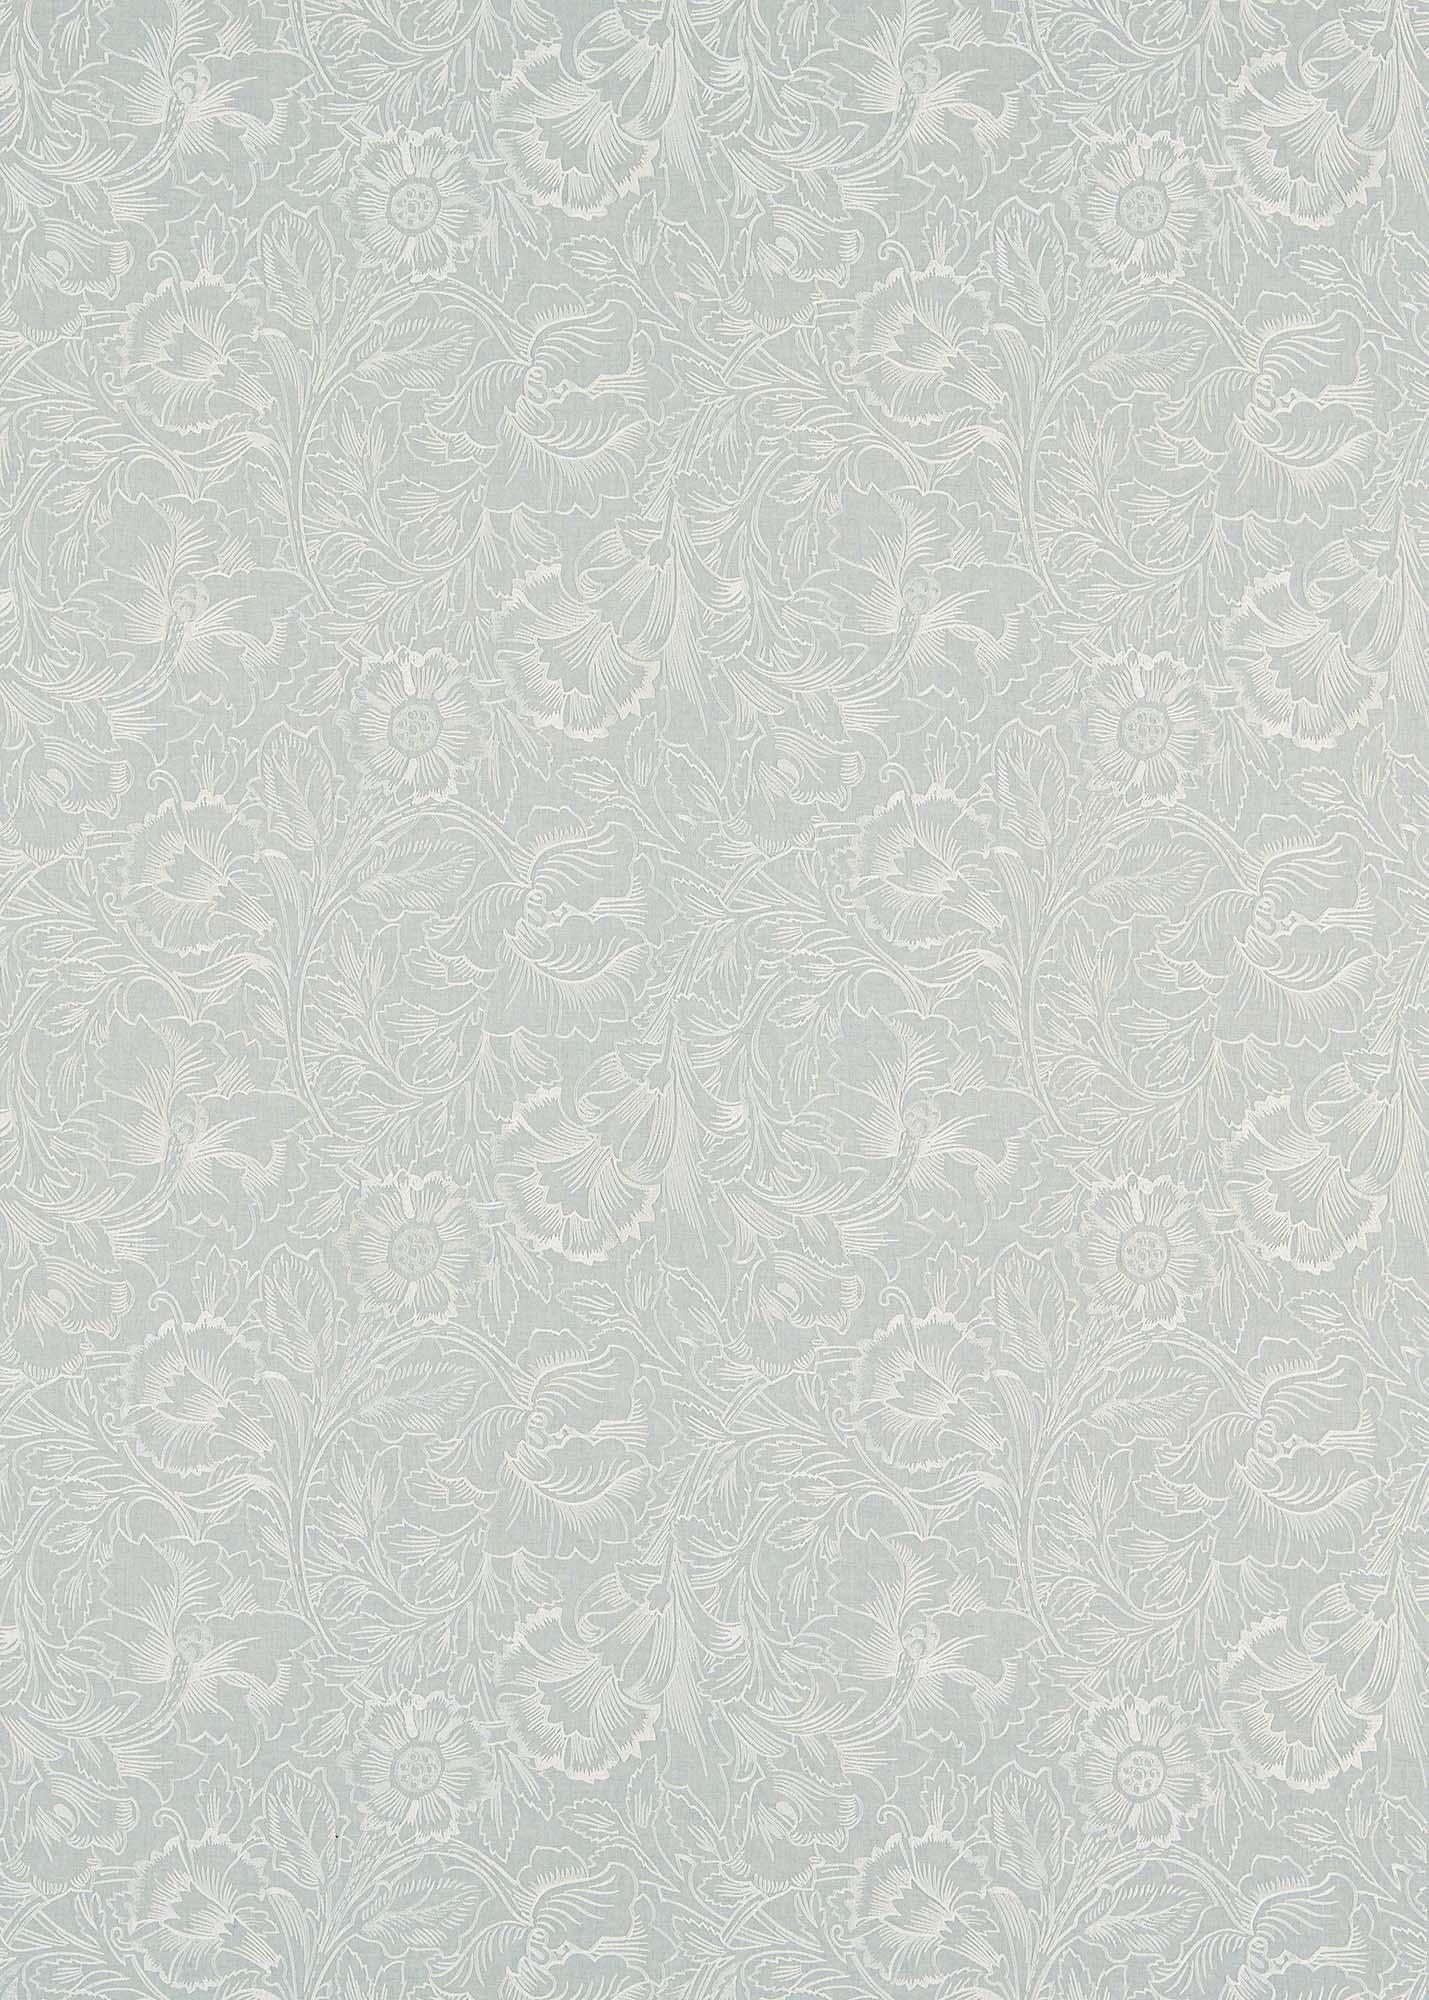 ウィリアムモリス生地 Pure Poppy Embroidery 236078